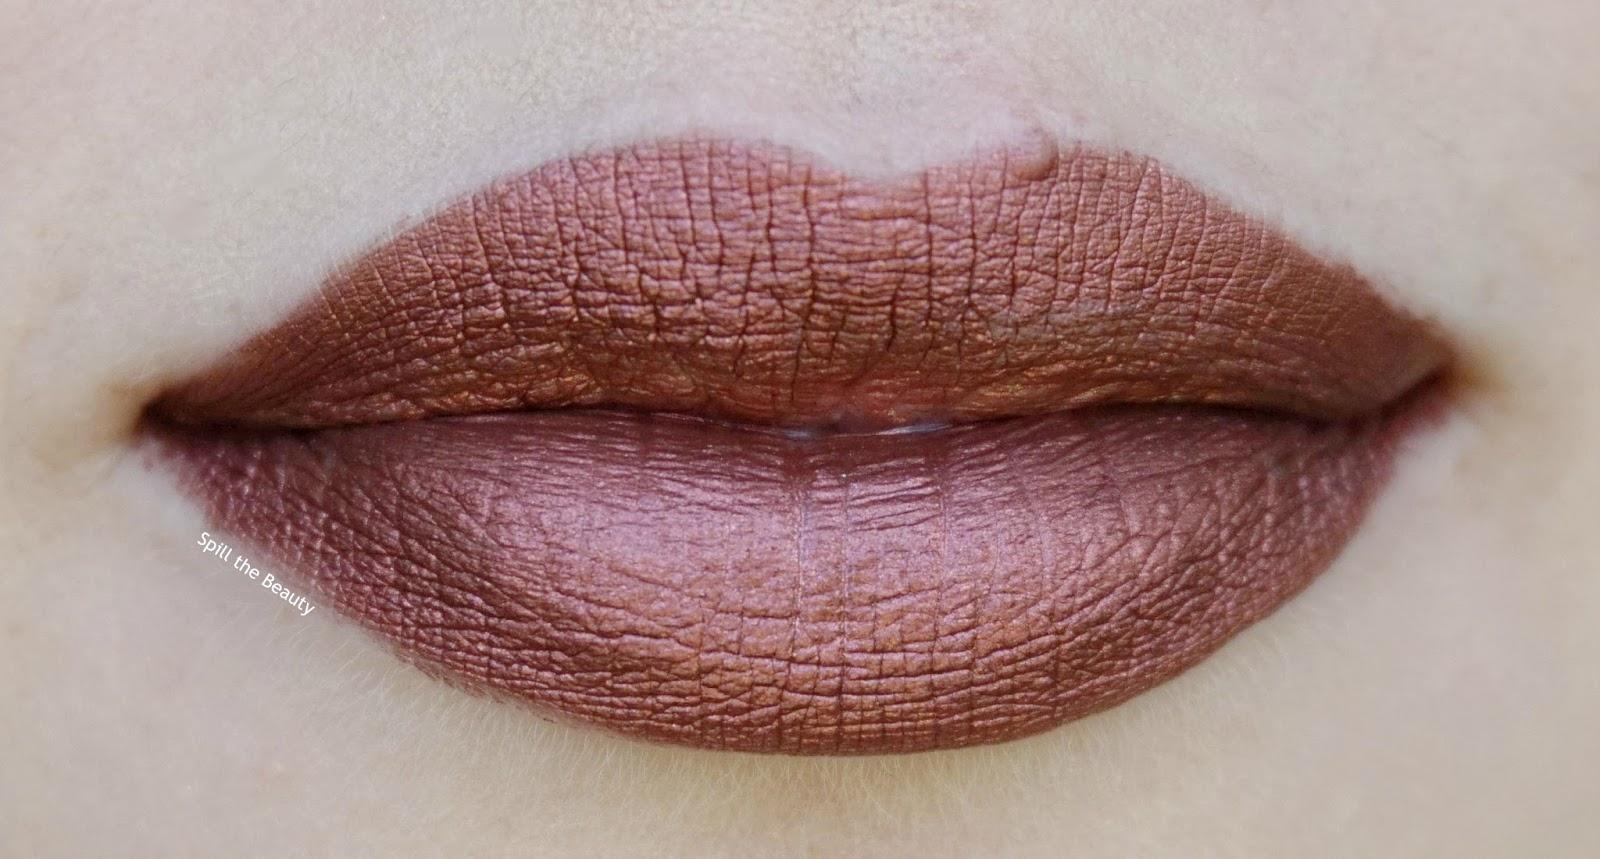 milani amore mattalic lip creme 02 matterialistic lip